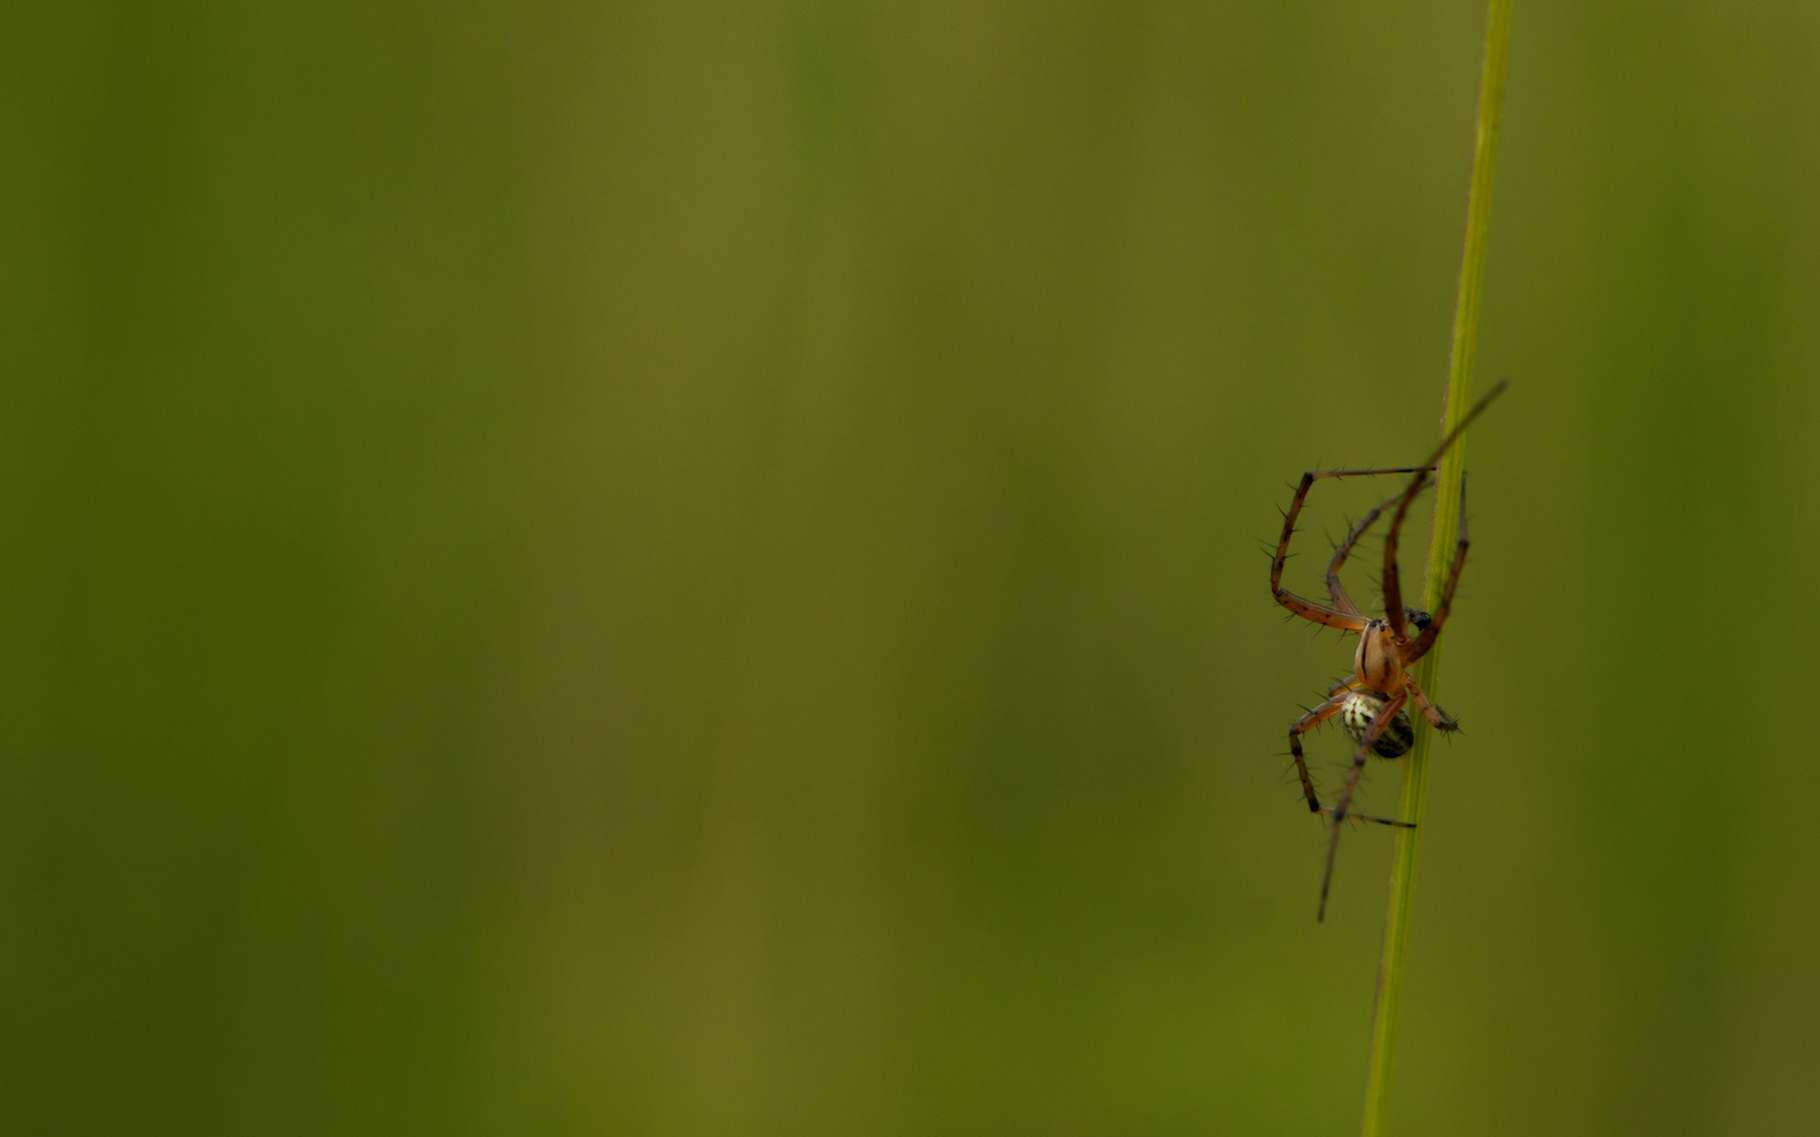 Souvent, les araignées font peur. C'est en partie par méconnaissance. Car la plupart sont inoffensives. Elles sont parfois même très ingénieuses. Si si, les chercheurs l'affirment : les araignées ne sont… pas si bête. © AMAR, Adobe Stock